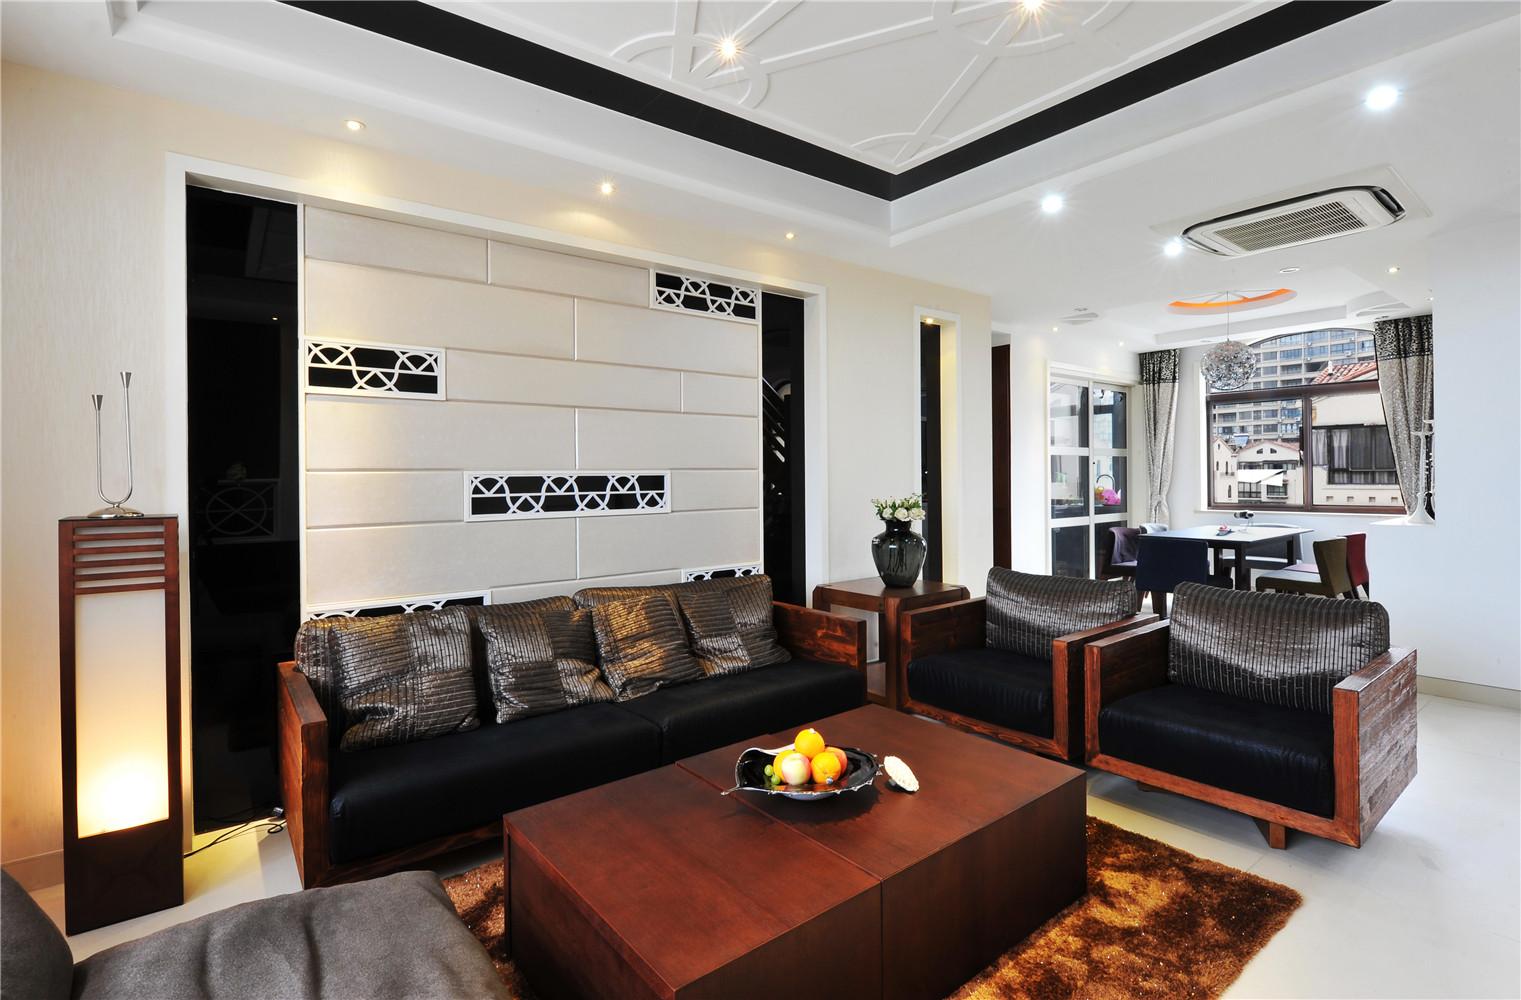 现代中式风格装修沙发背景墙图片